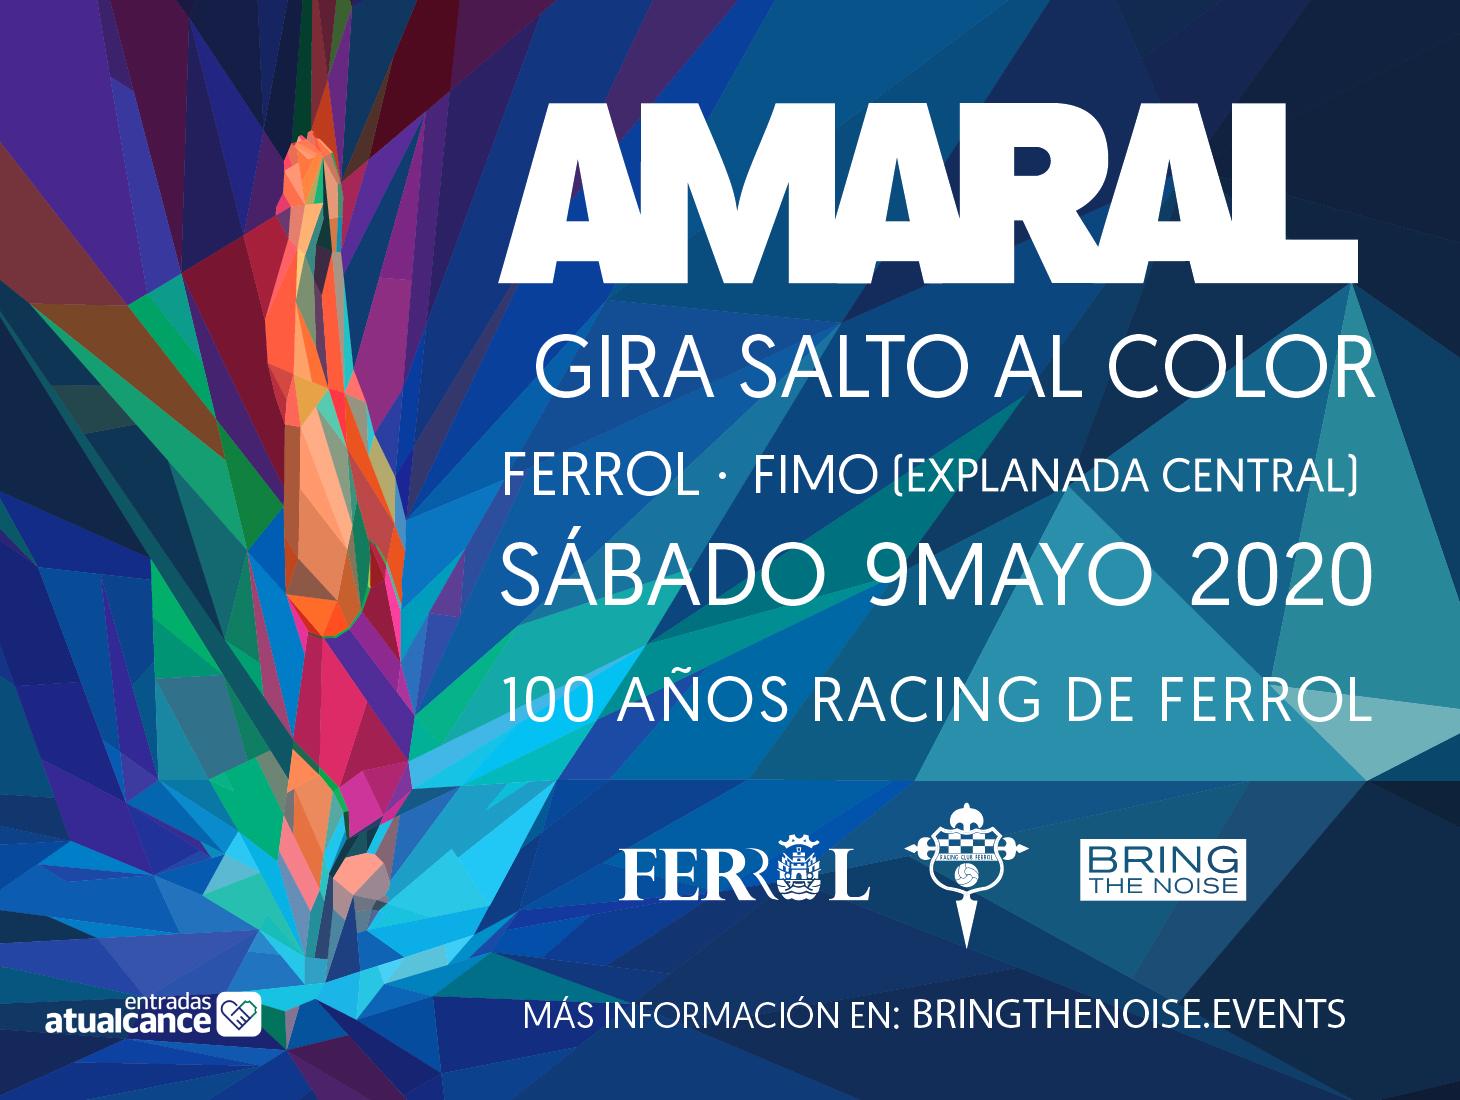 amaral-concierto-100o-aniversario-racing-de-ferrol-5e55381e9b09c.jpeg